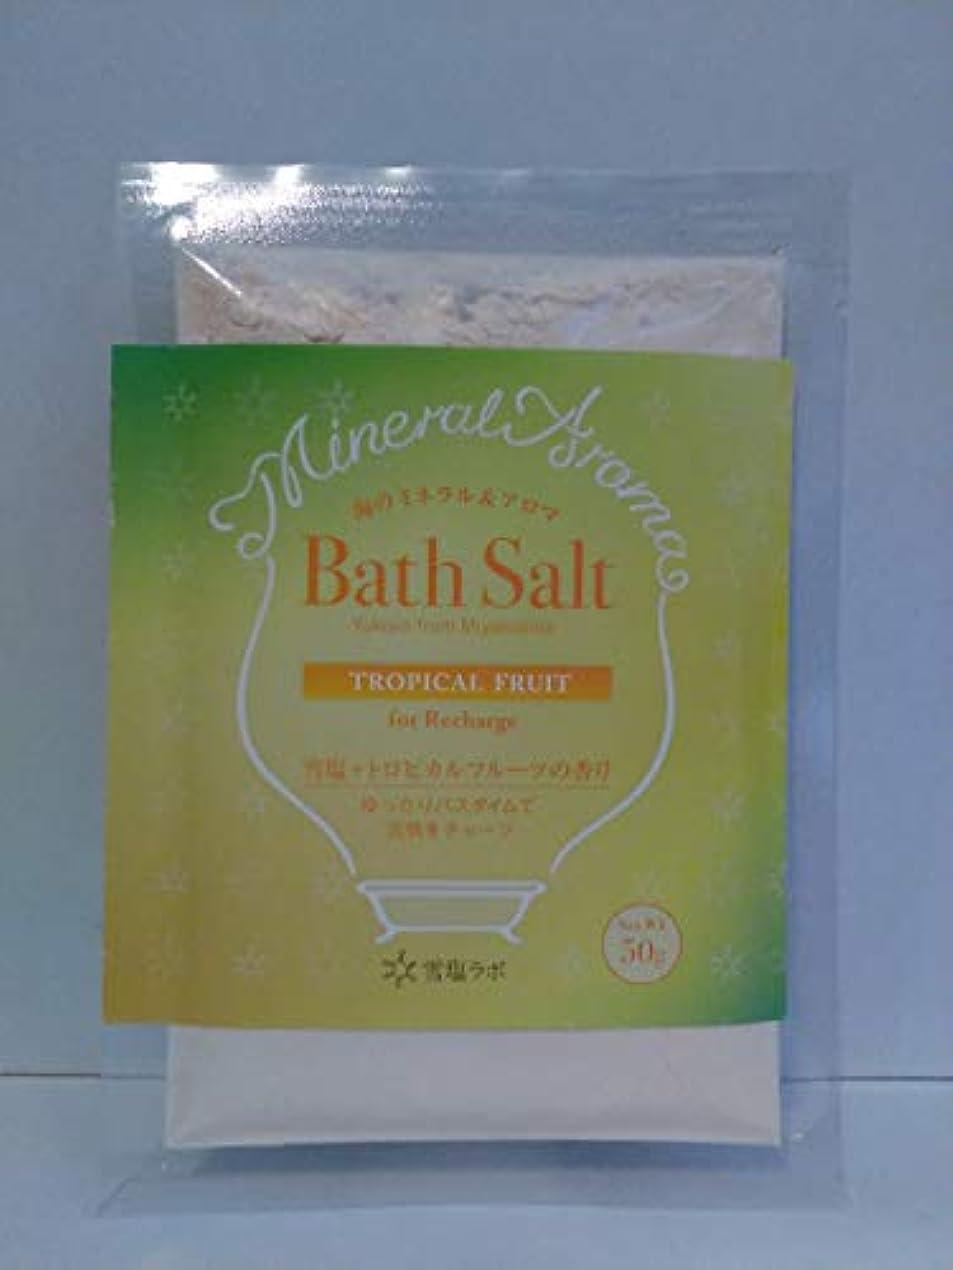 聖人パーツネーピア海のミネラル&アロマ Bath Salt 雪塩+トロピカルフルーツの香り